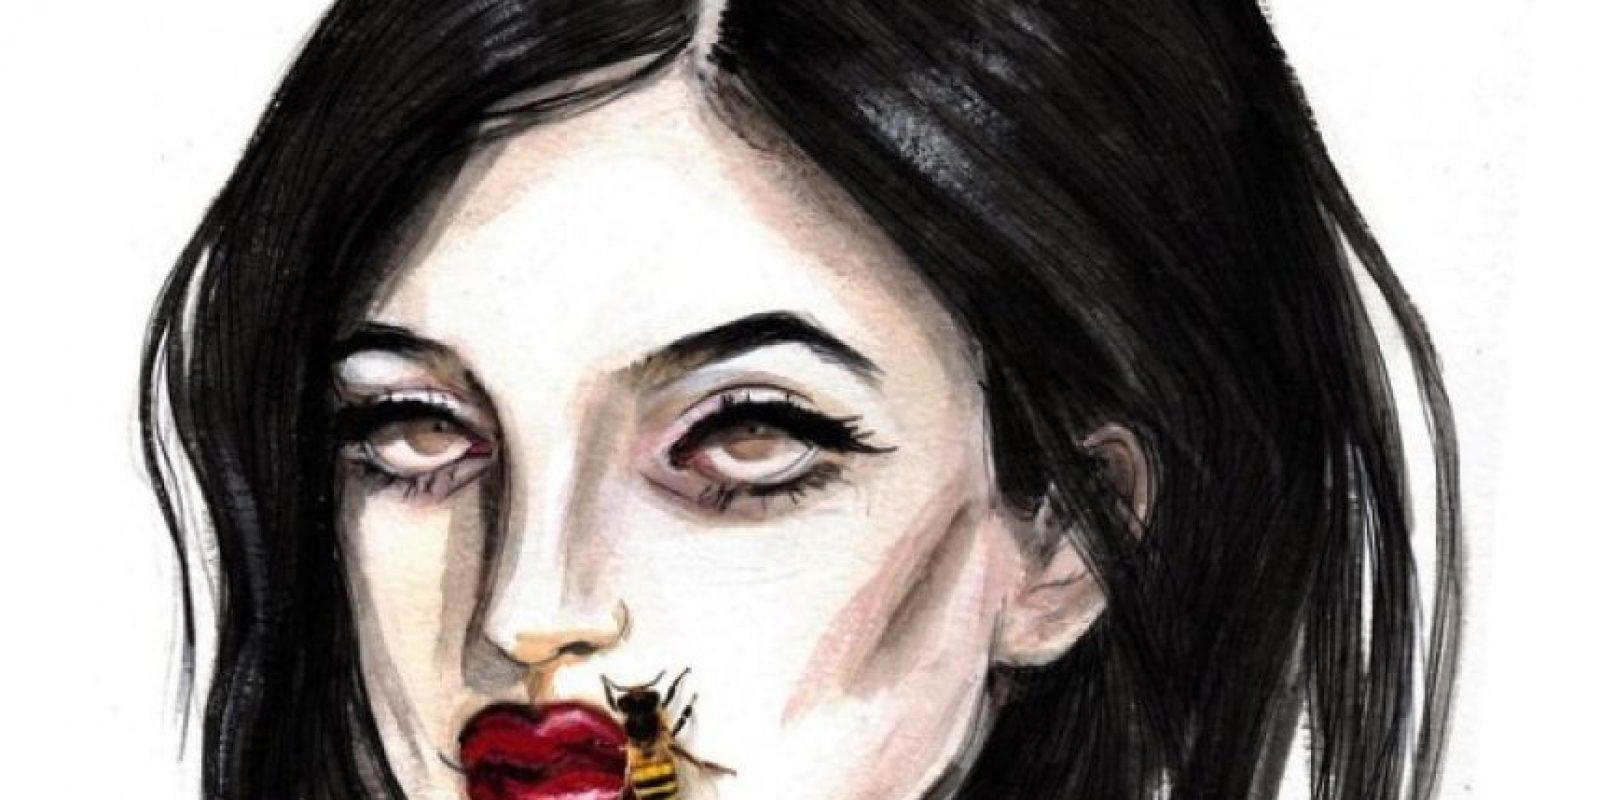 2. El #KylieJennerChallenge fue una tendencia de las redes sociales que invitaba a las personas a deformar sus labios con una tapa o botella, inspirados en los grandes labios de Kylie. Foto:vía instagram.com/kyliejenner